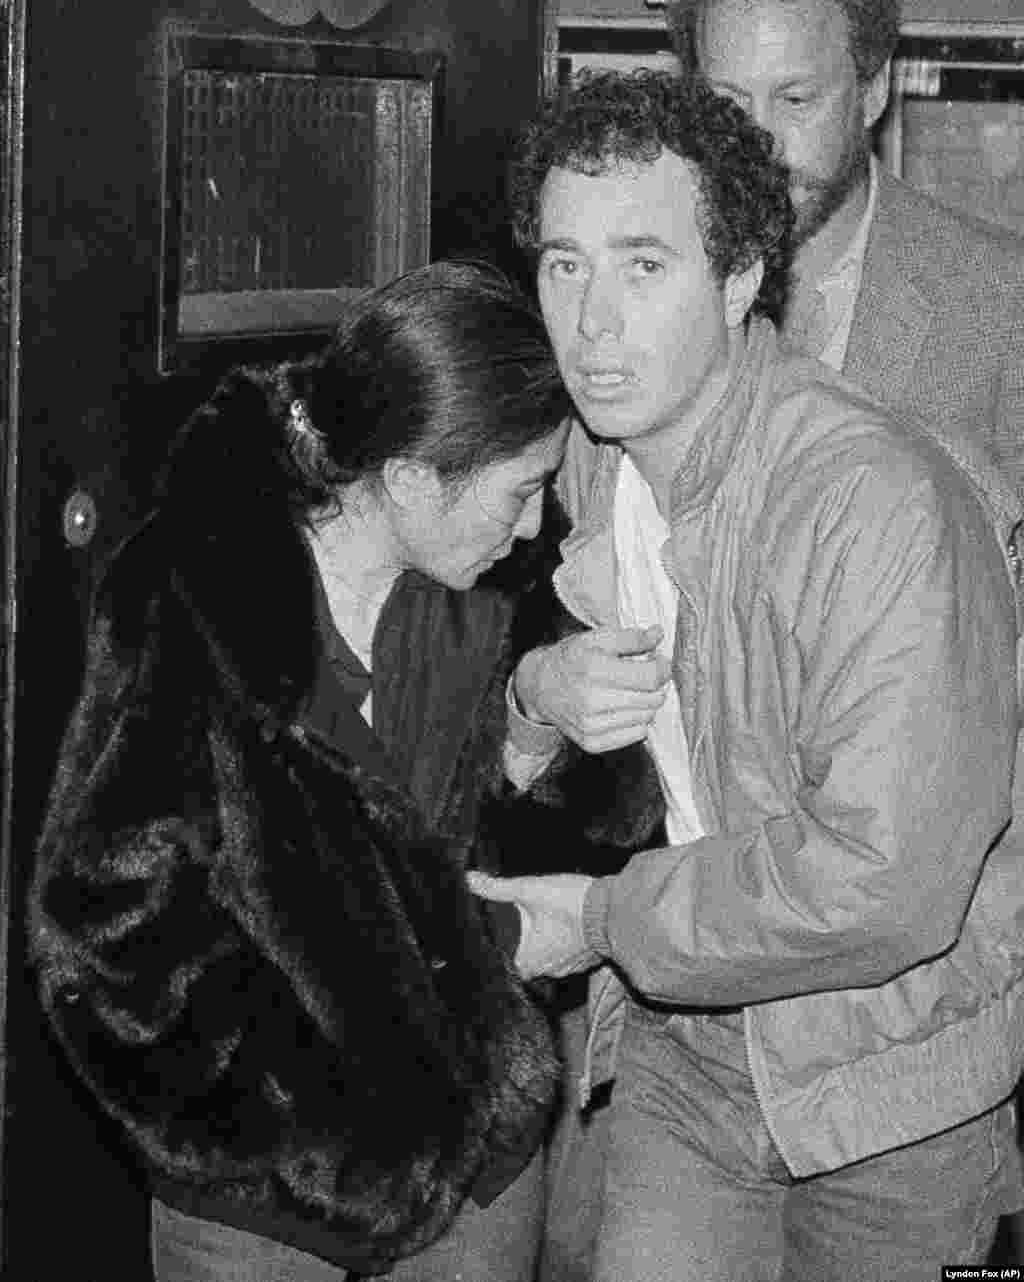 În această fotografie făcută în ziua de 9 decembrie 1980, Yoko Ono și producătorul de discuri David Geffen părăsesc spitalul Roosevelt din New York, după moartea soțului ei, John Lennon.